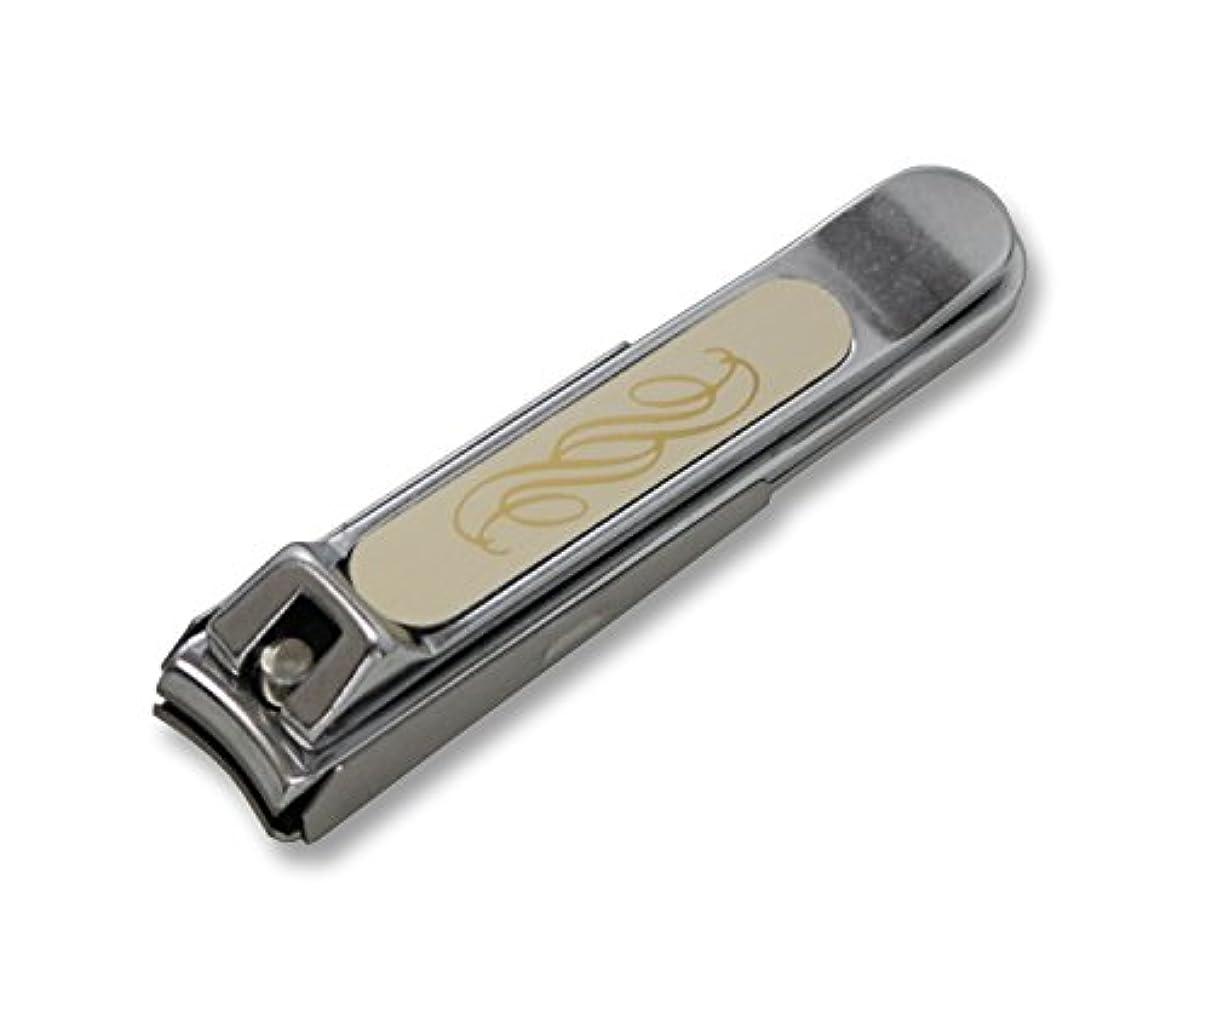 予想外トン書店KD-014 関の刃物 ニューチラーヌ爪切 中 ゴールド